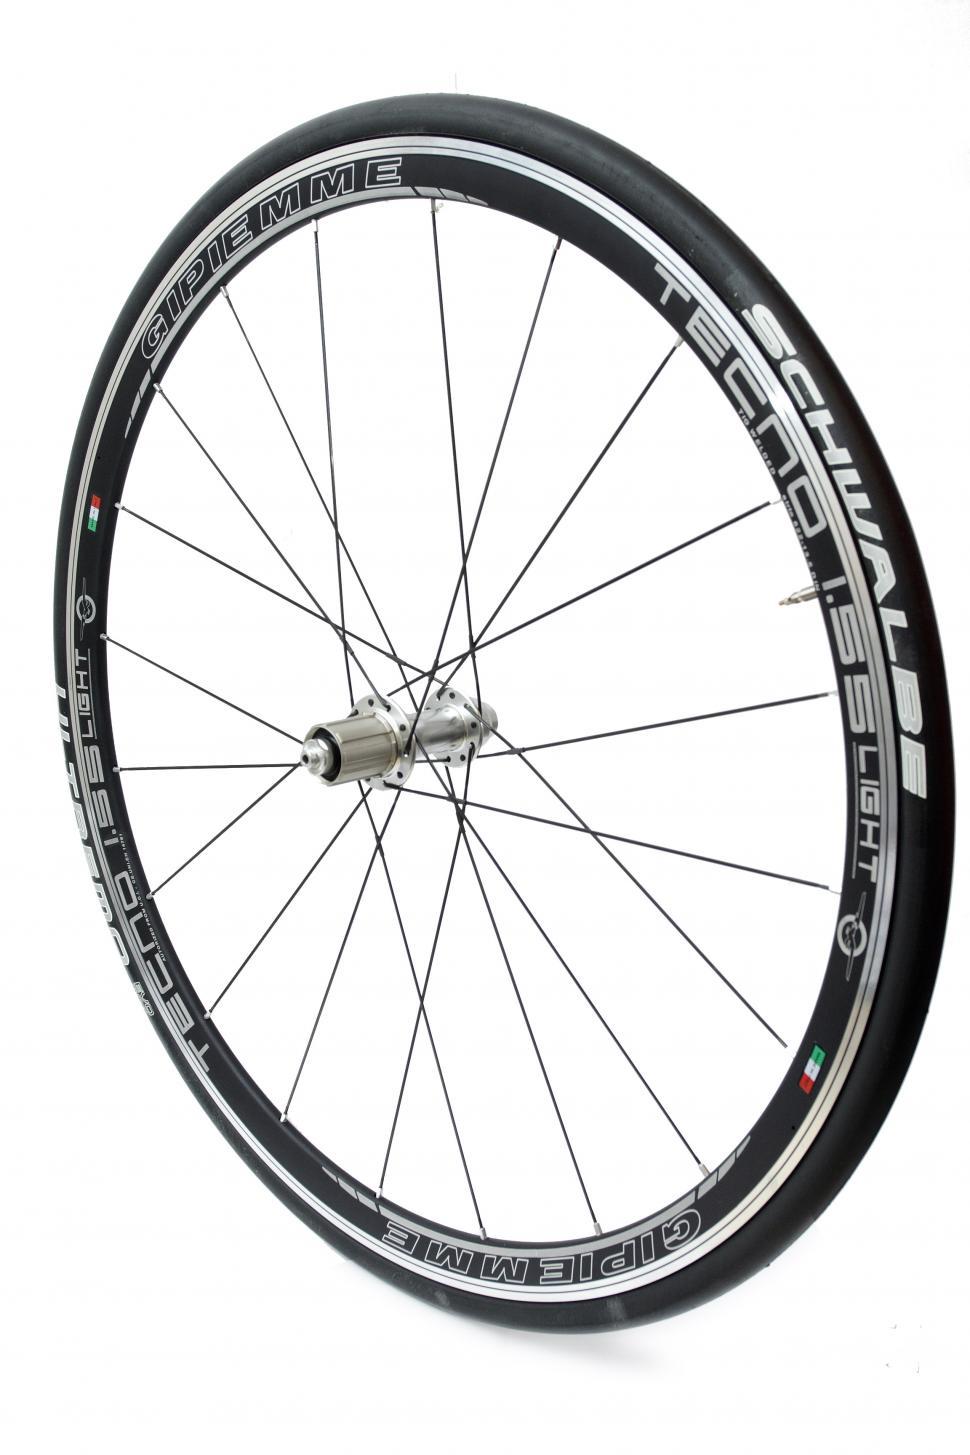 Gipiemme Techno 155 light wheel [r]